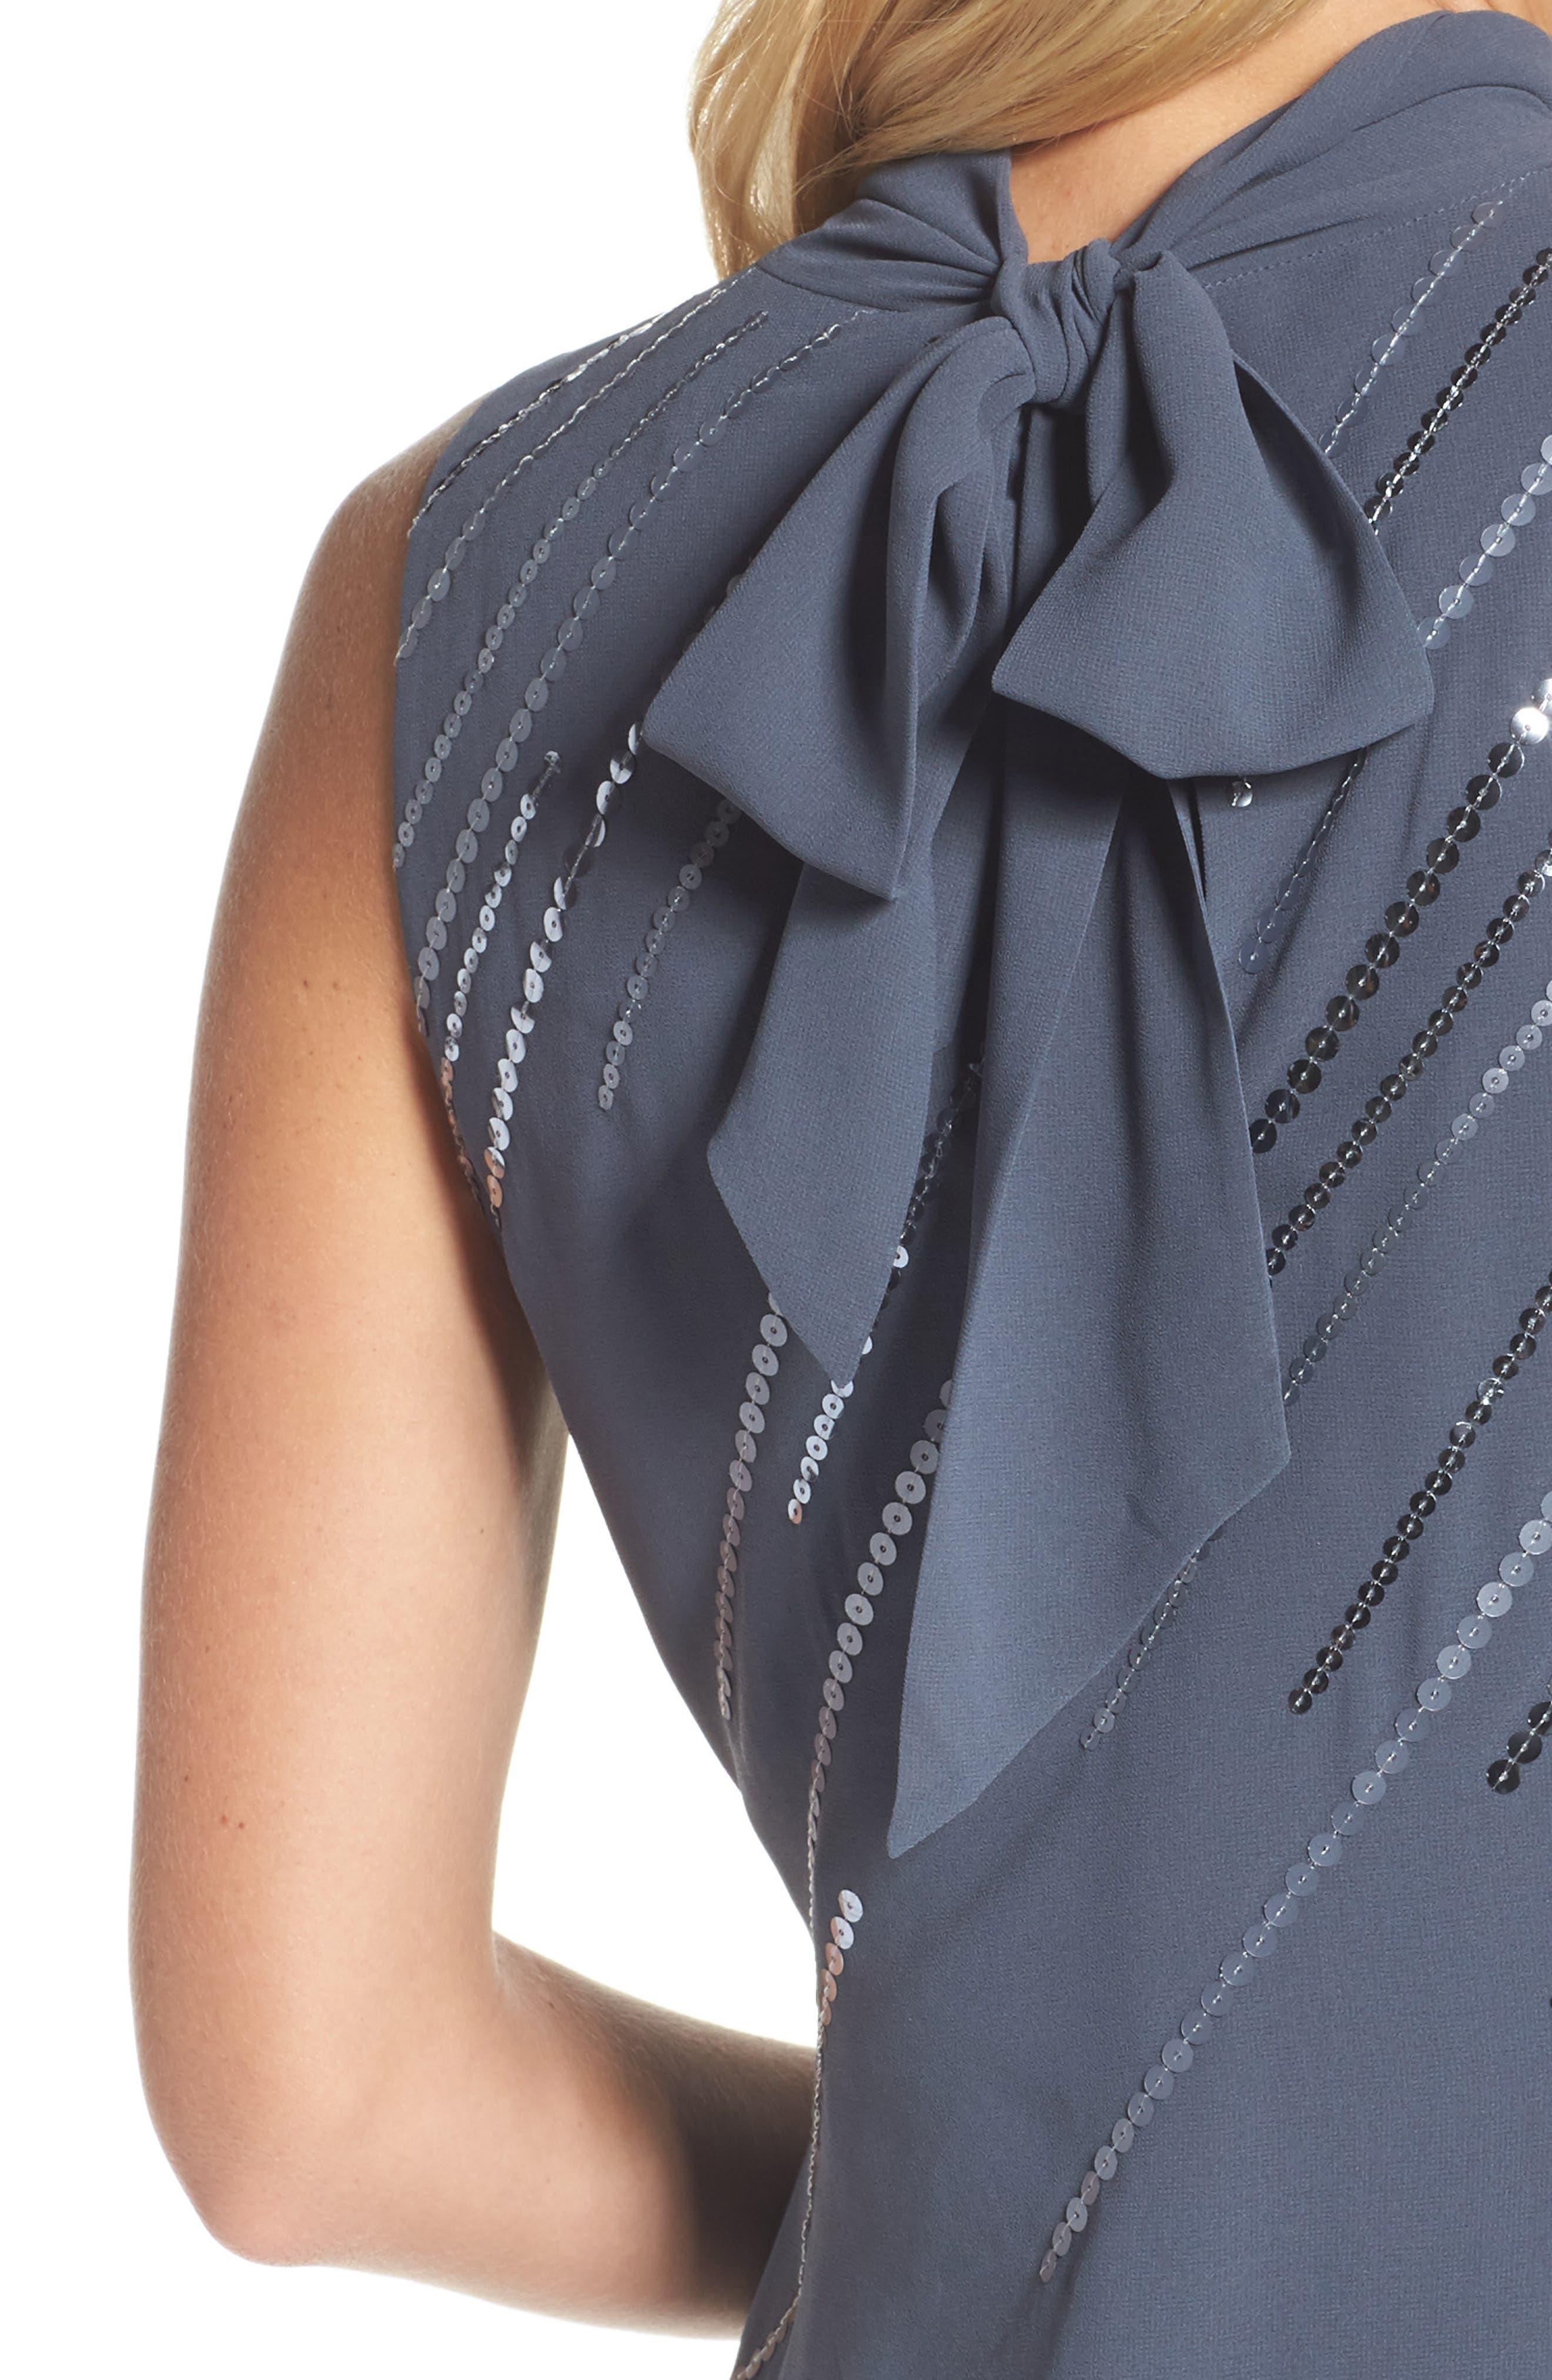 Sequin A-Line Dress,                             Alternate thumbnail 4, color,                             451